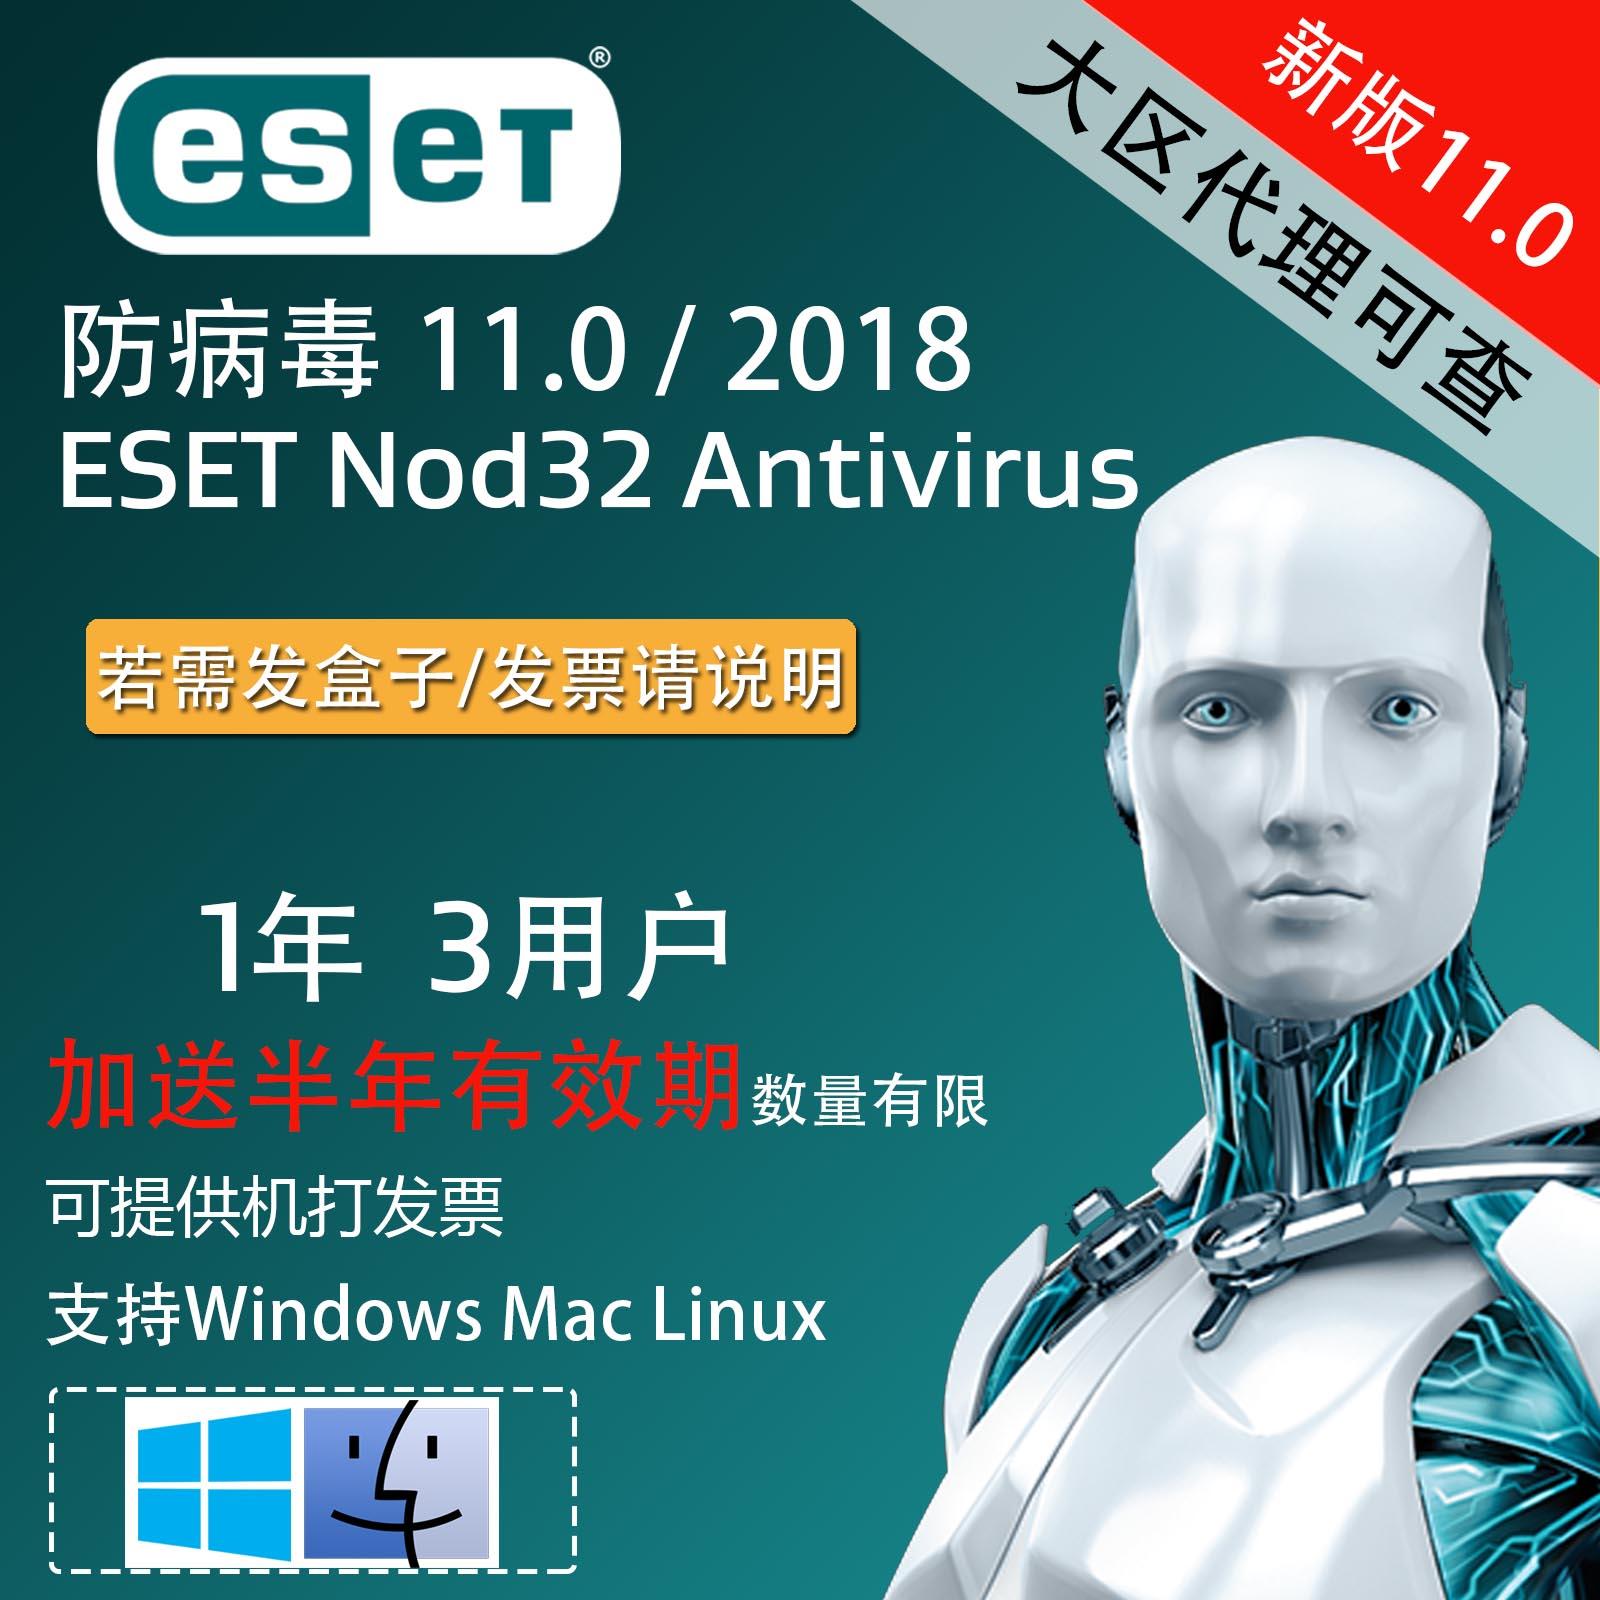 ESET Nod32 Antivirus 11.0 ESET противо болезнь яд Nod32 убить яд программное обеспечение 1 год активация код